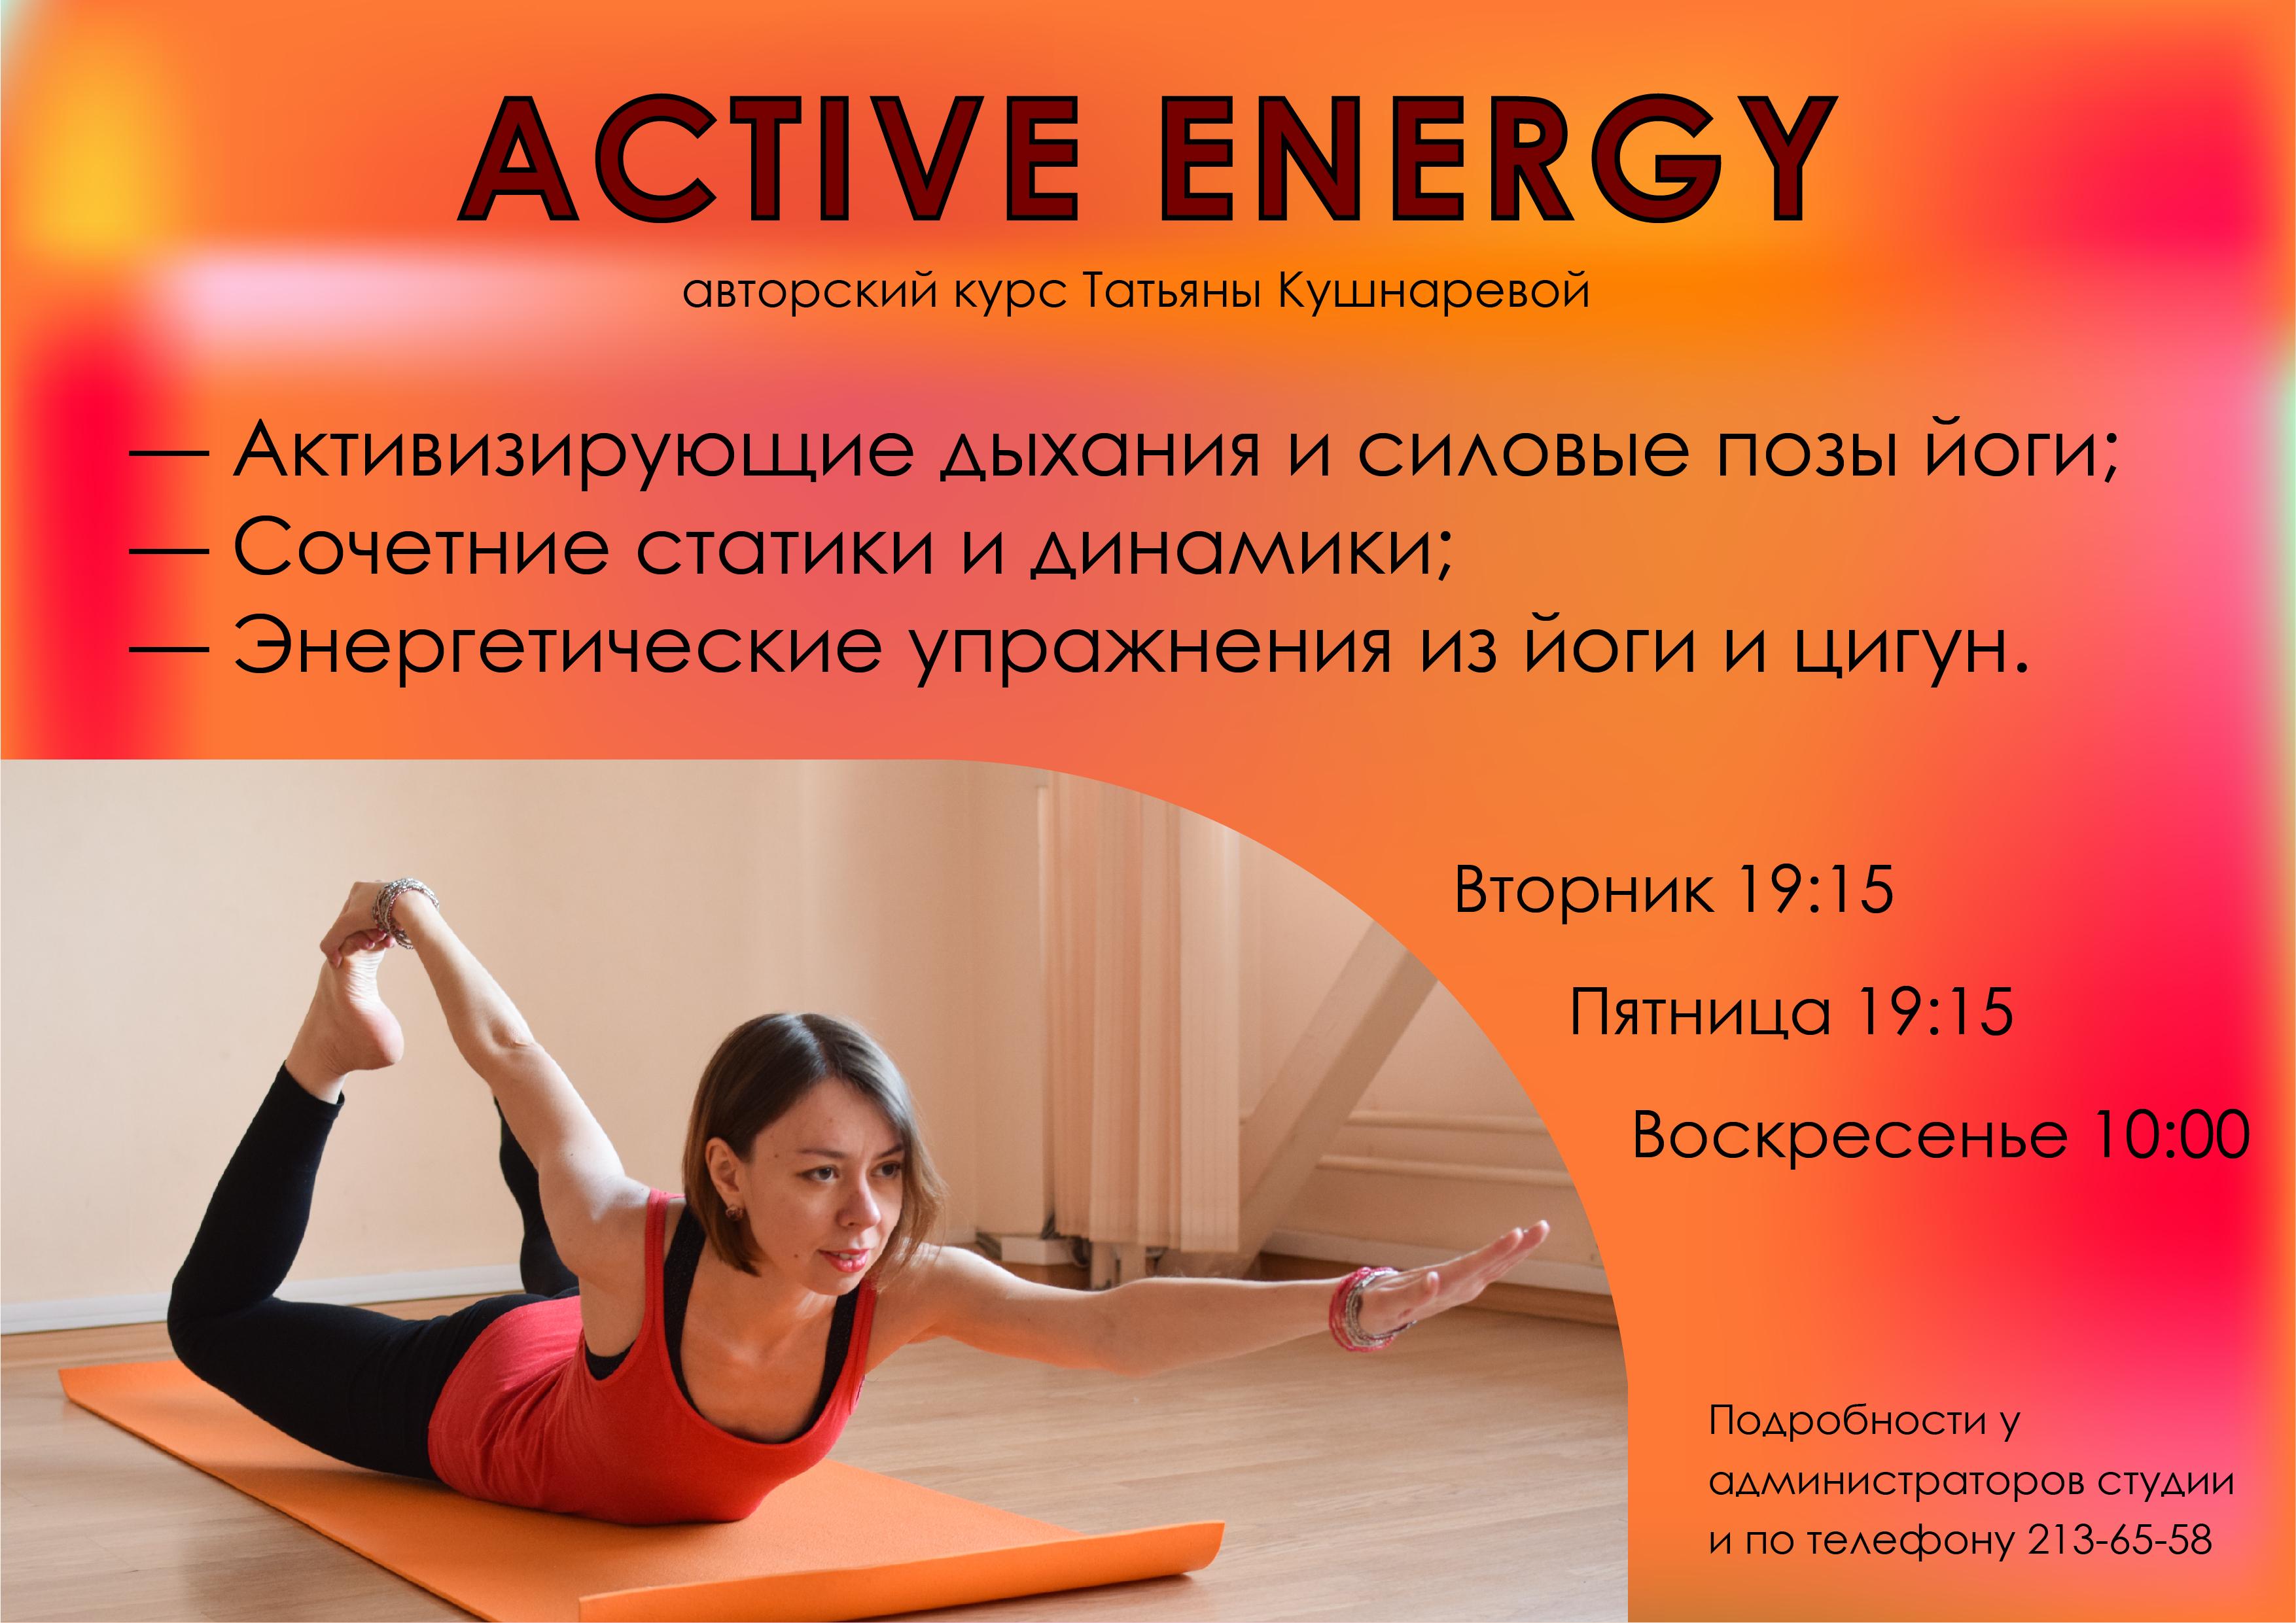 Йога в екатеринбурге, active energy